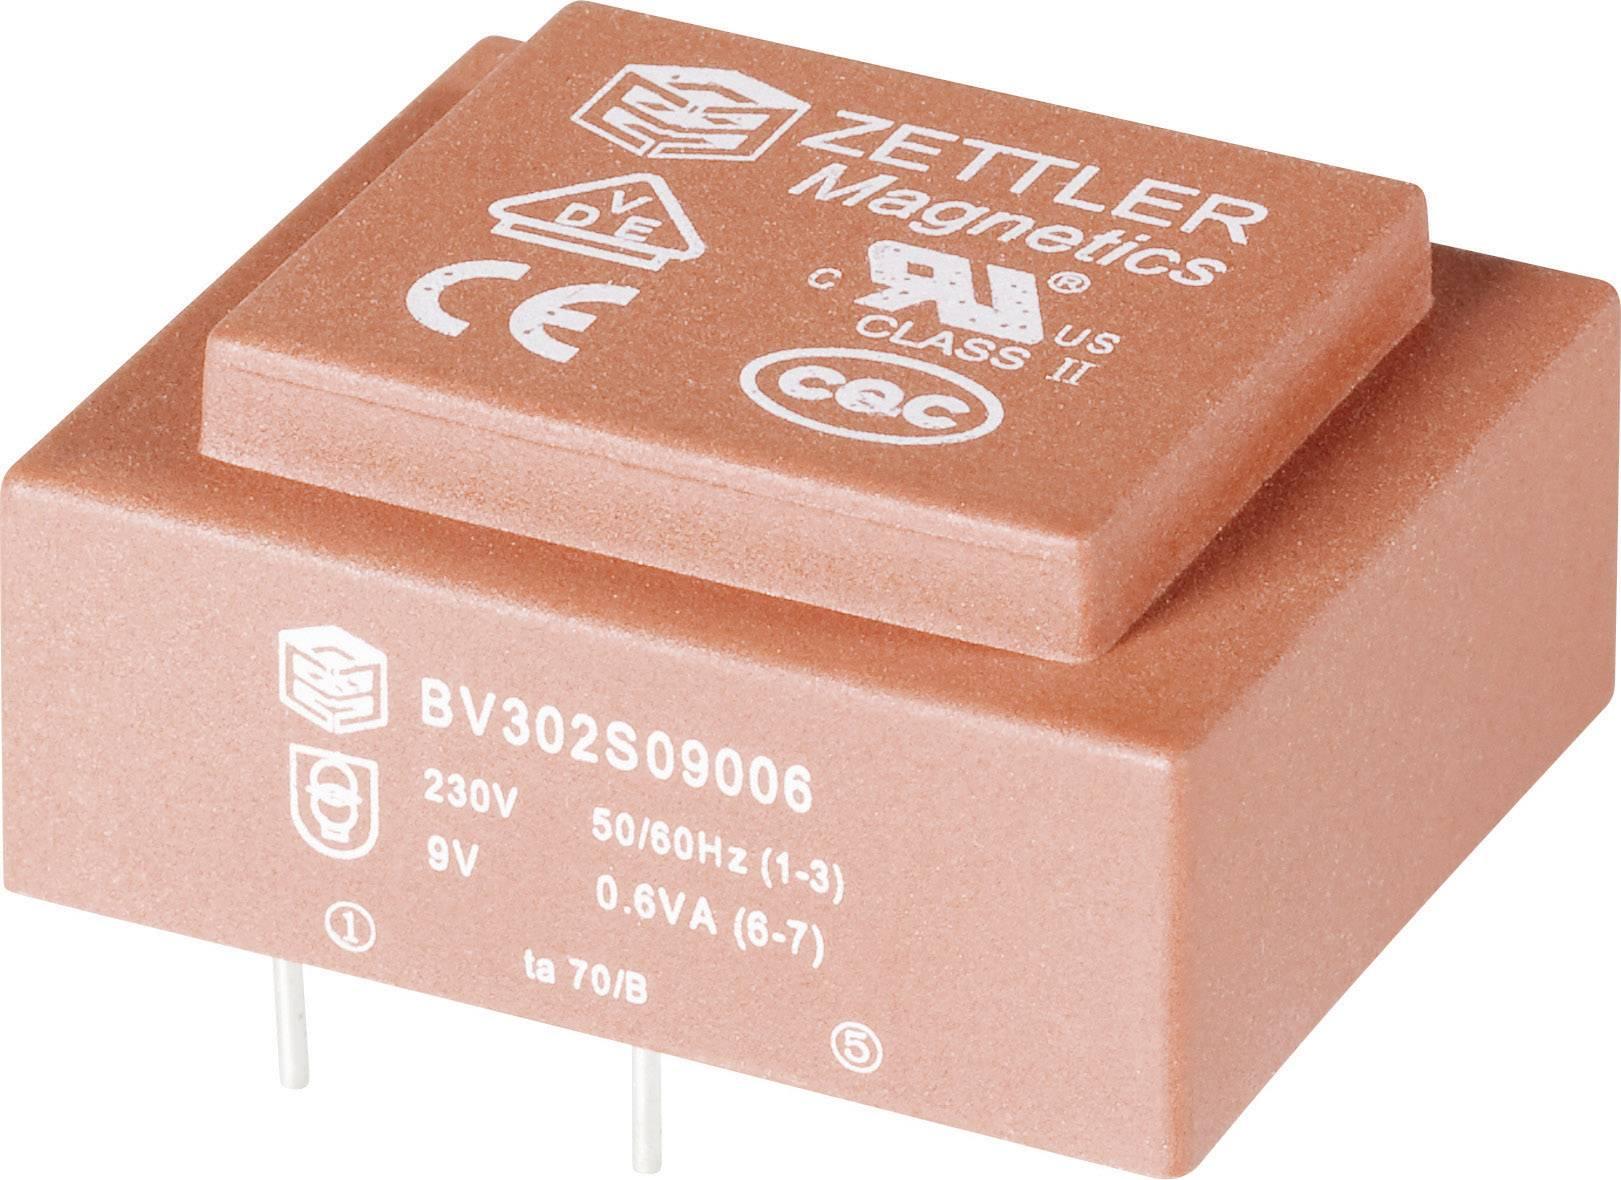 Transformátor do DPS Zettler Magnetics El30, 230 V/18 V, 33 mA, 0,6 VA